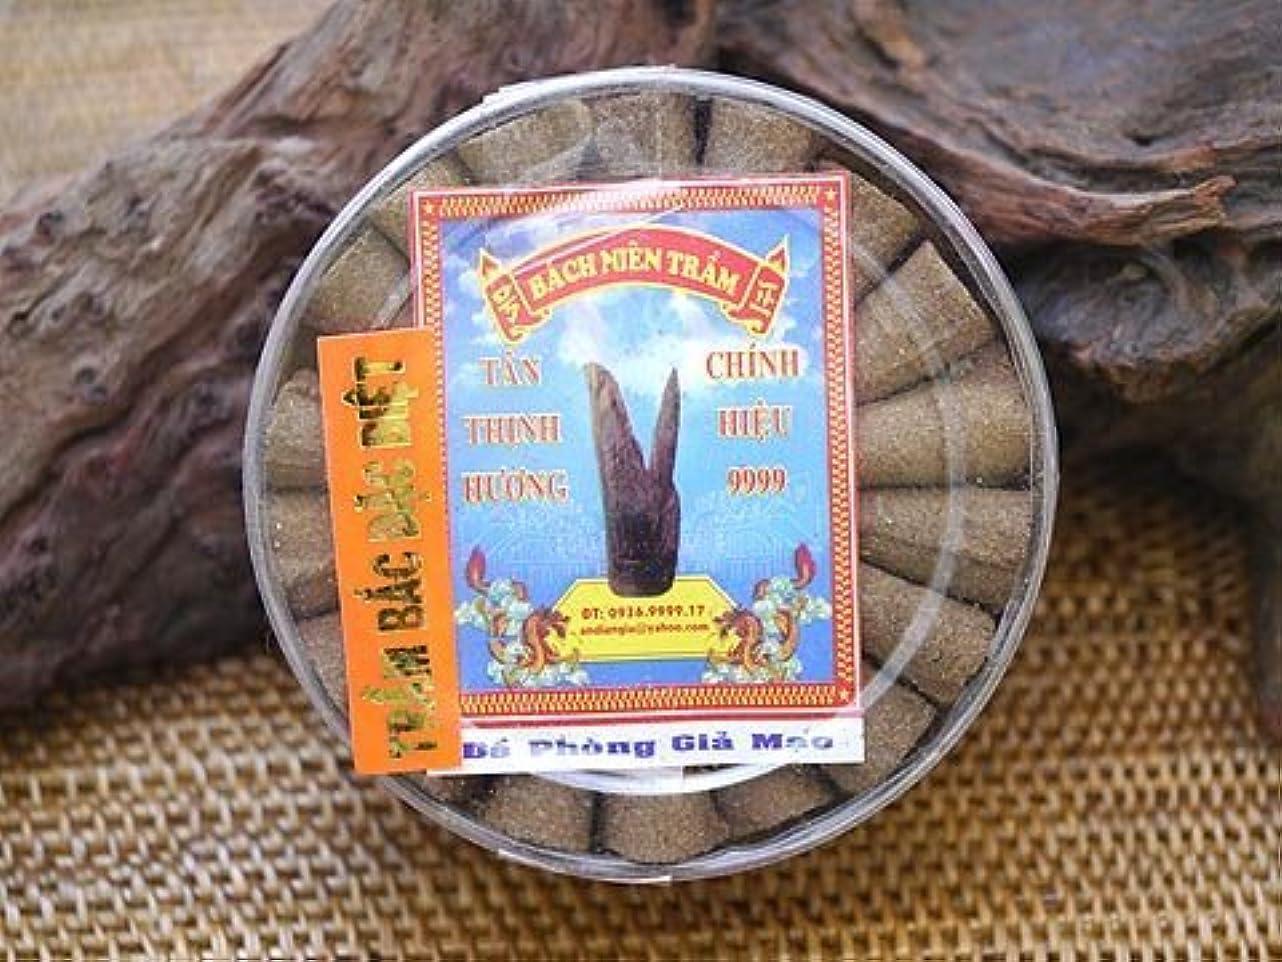 敬の念アレンジデンマークVietnam Incense ベトナムのお香【コーン香】AN DIEN GIA社製